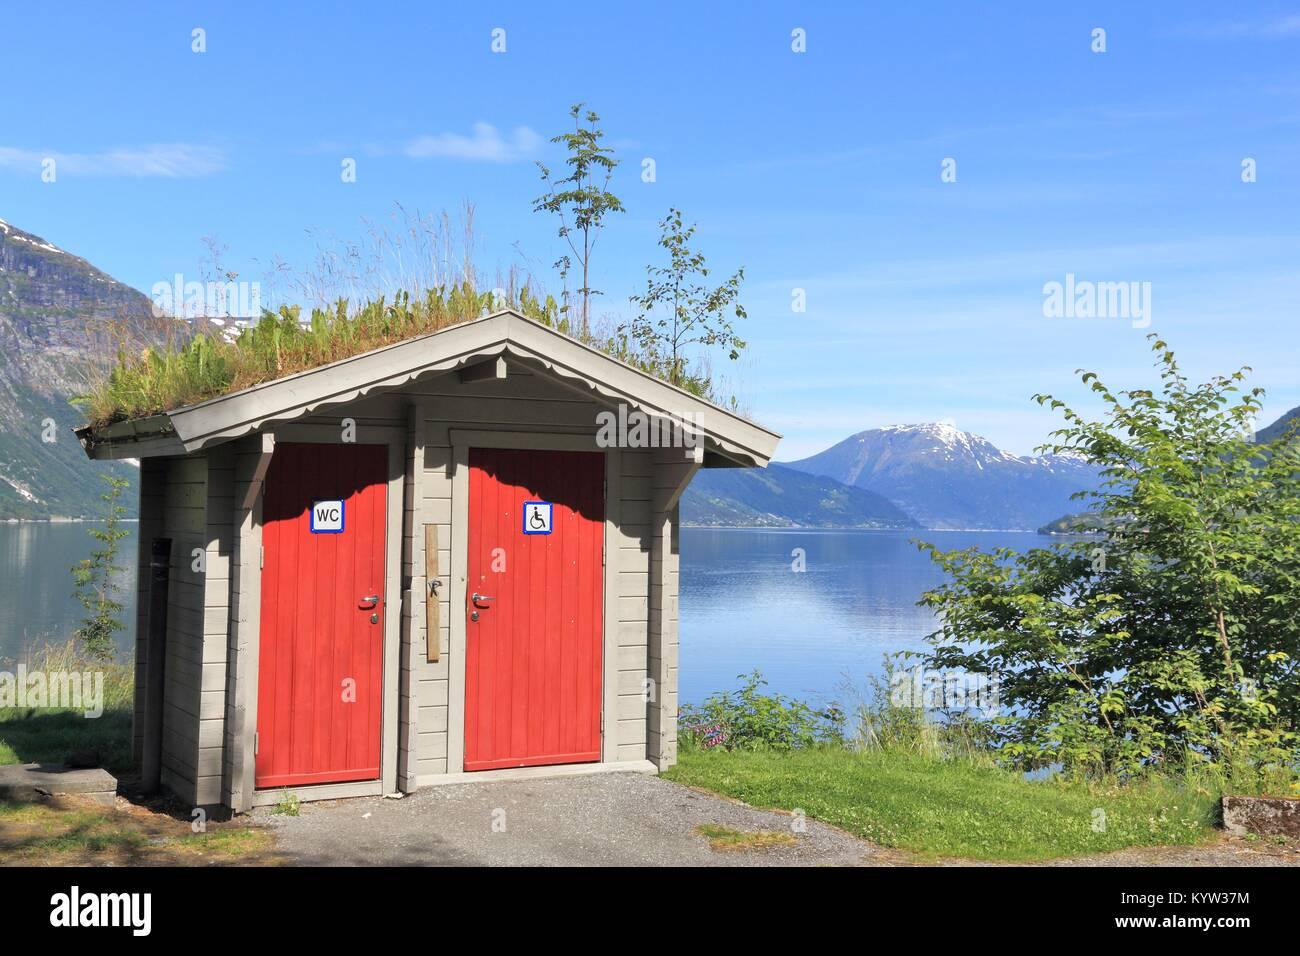 Touristische Toilette an einer Raststätte direkt an einem Fjord in Norwegen. Hardangerfjord. Stockbild